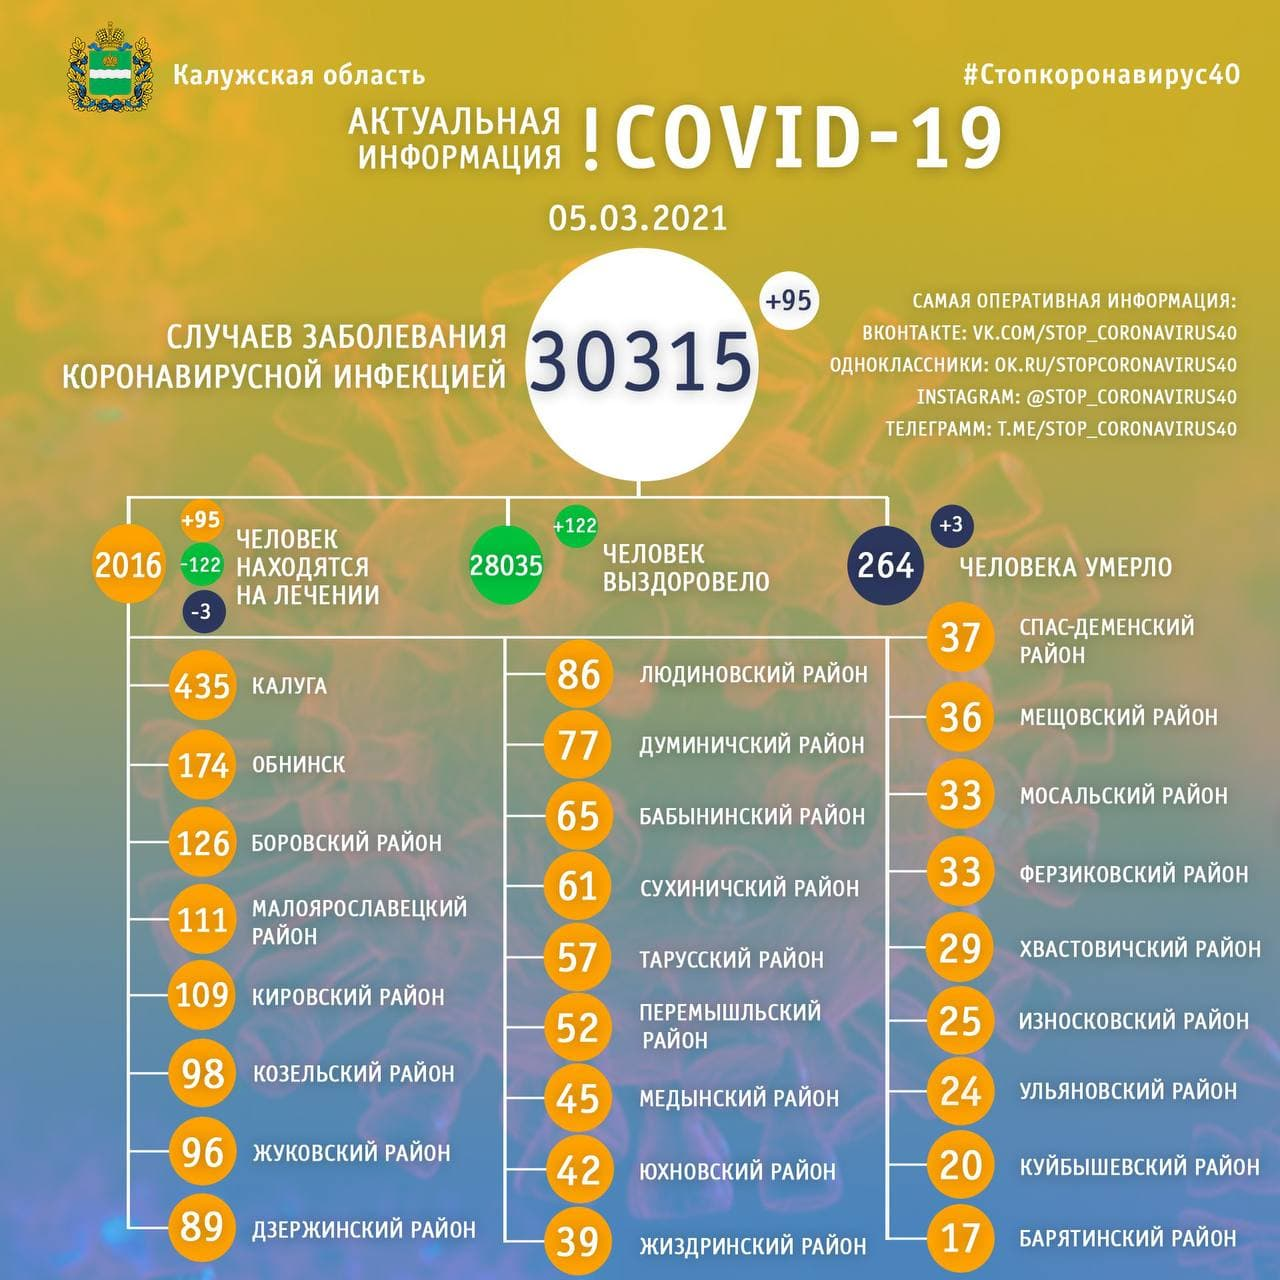 Официальная статистика по коронавирусу в Калужской области 5 марта 2021 года.